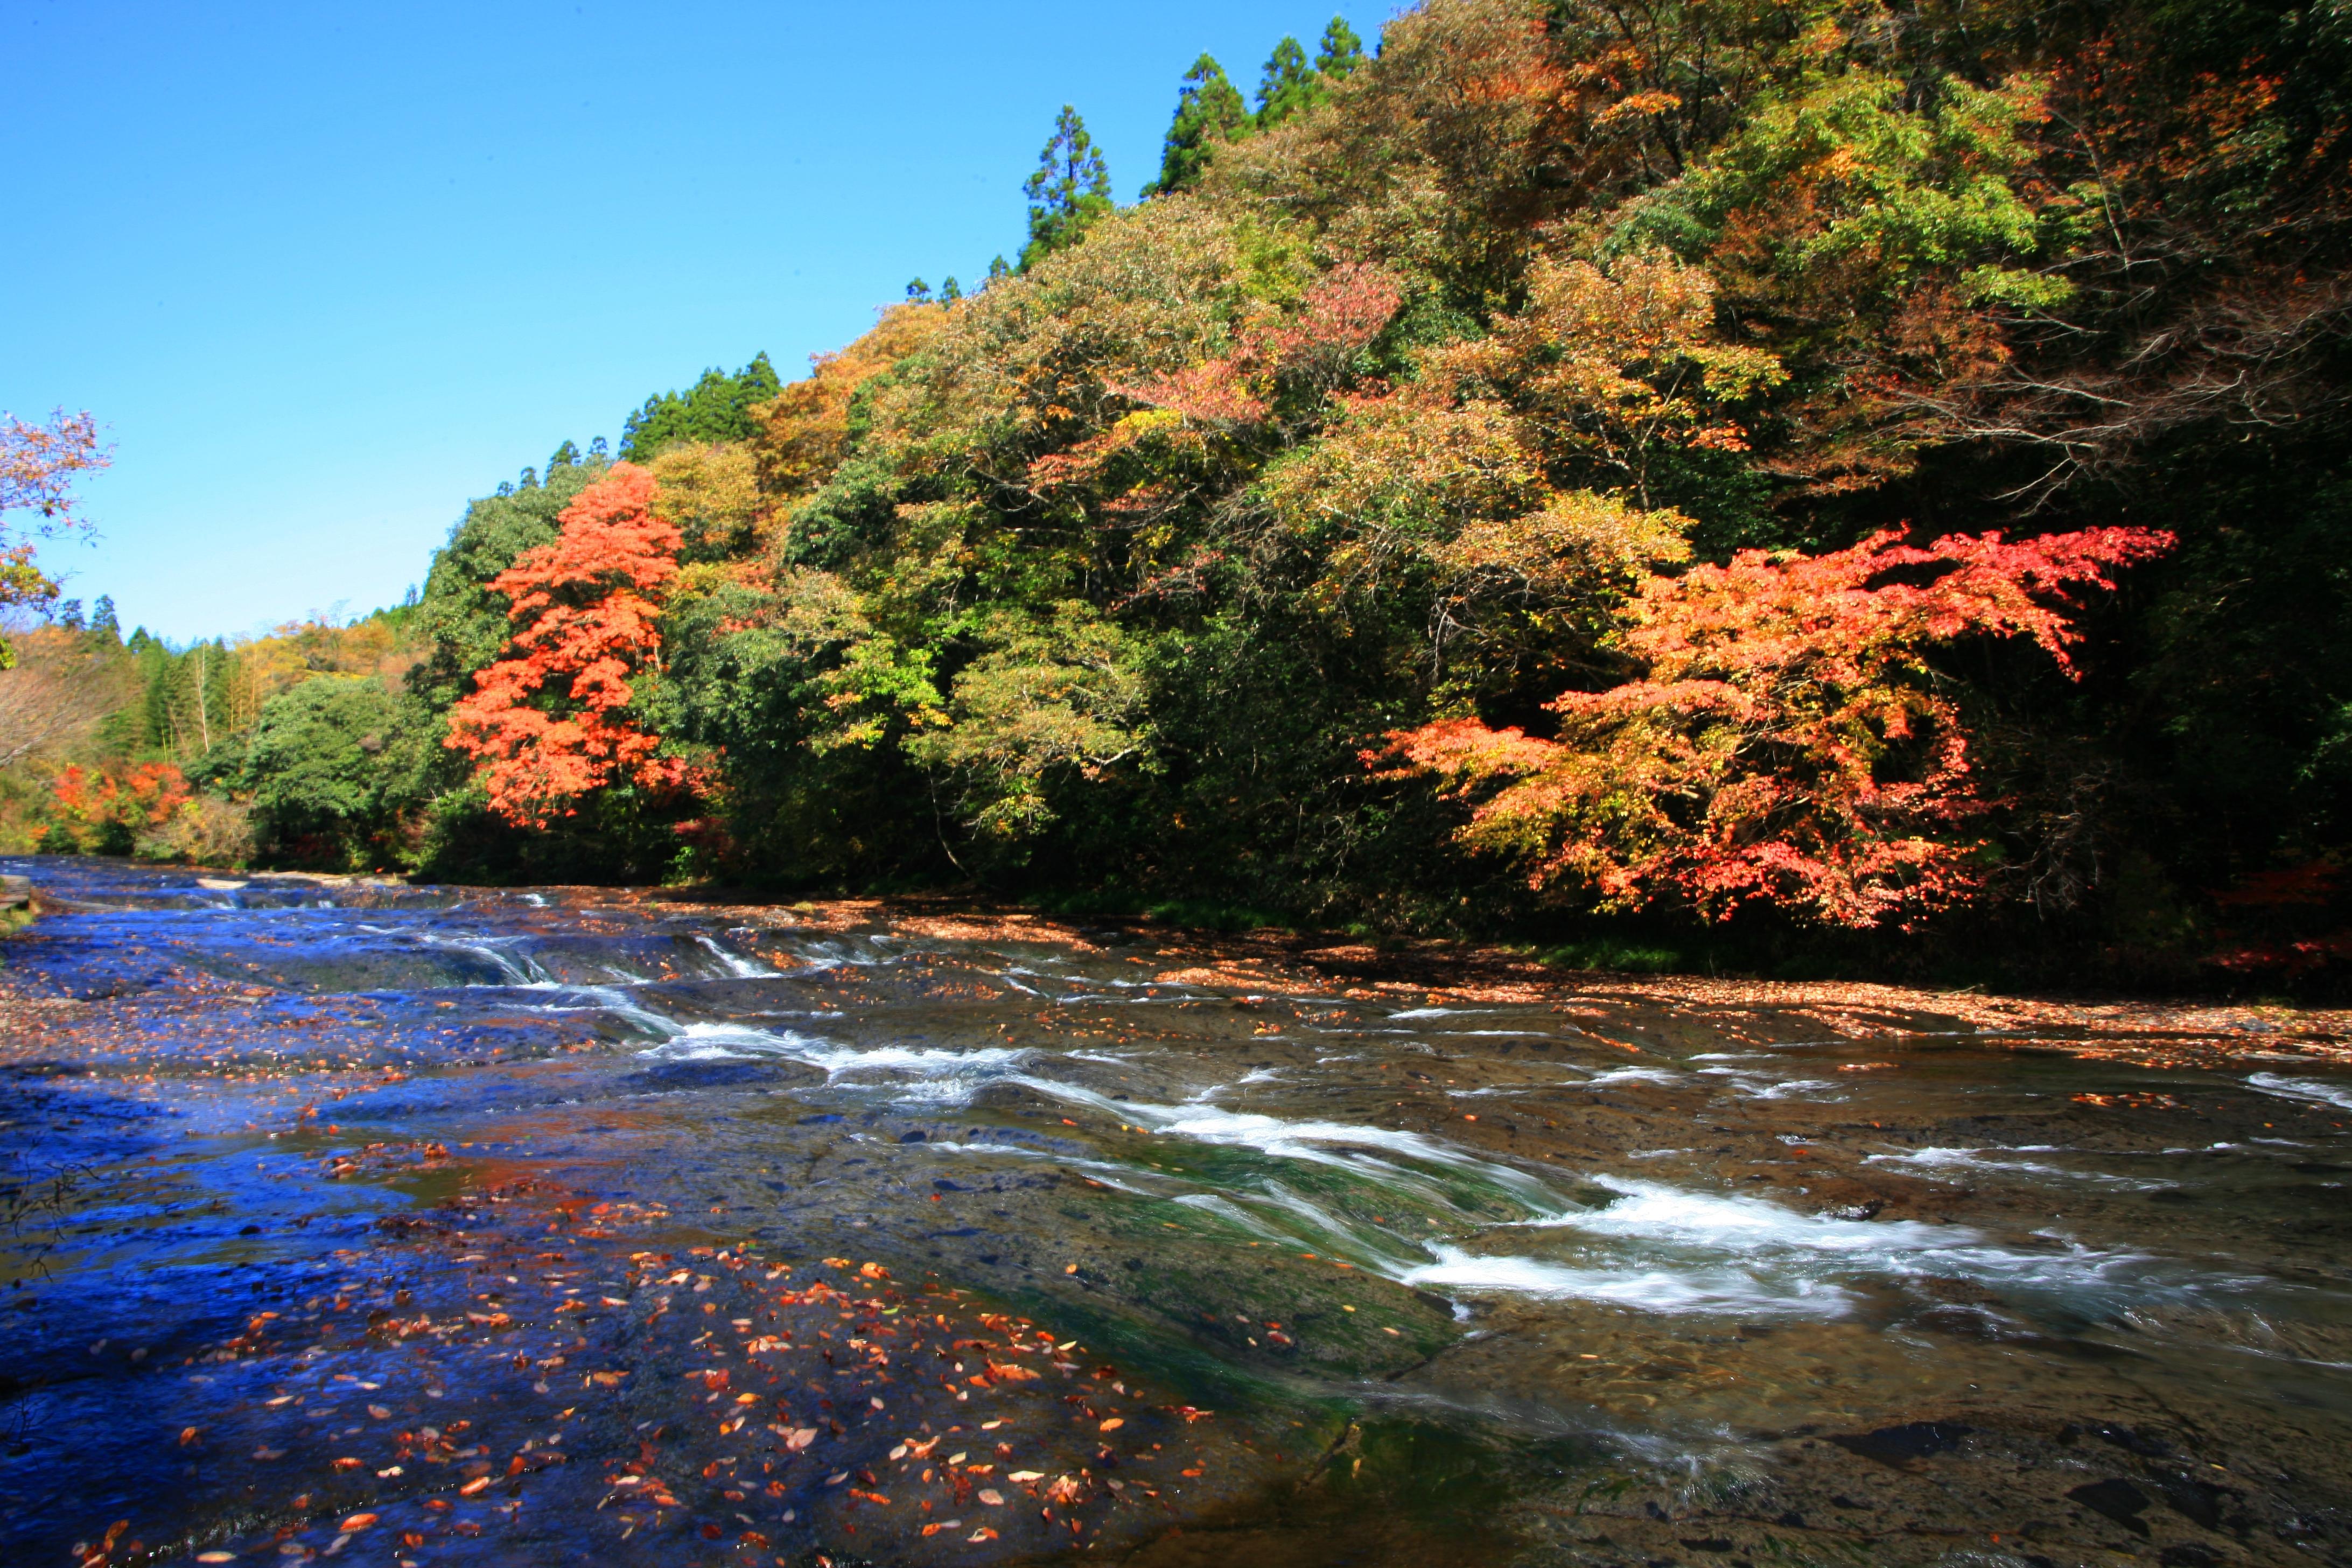 遊水峡キャンプ場を満喫!夏は水遊び・秋は紅葉で熊本を楽しむ!